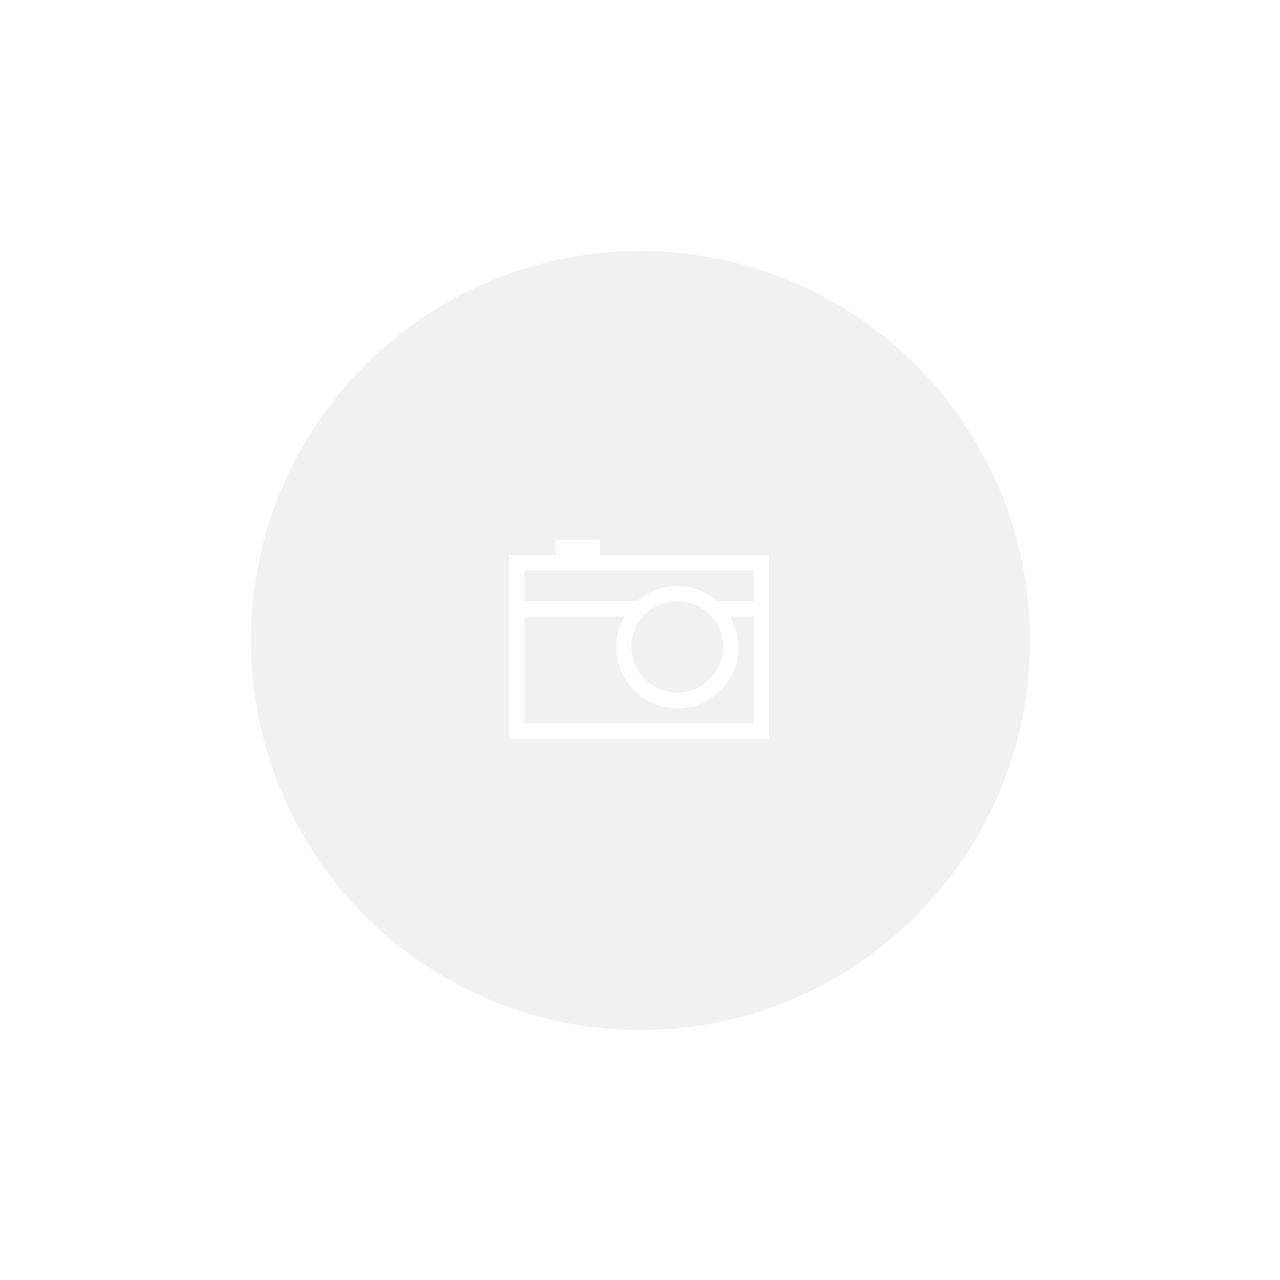 Caixa Chá Espelhada 17x17x10cm